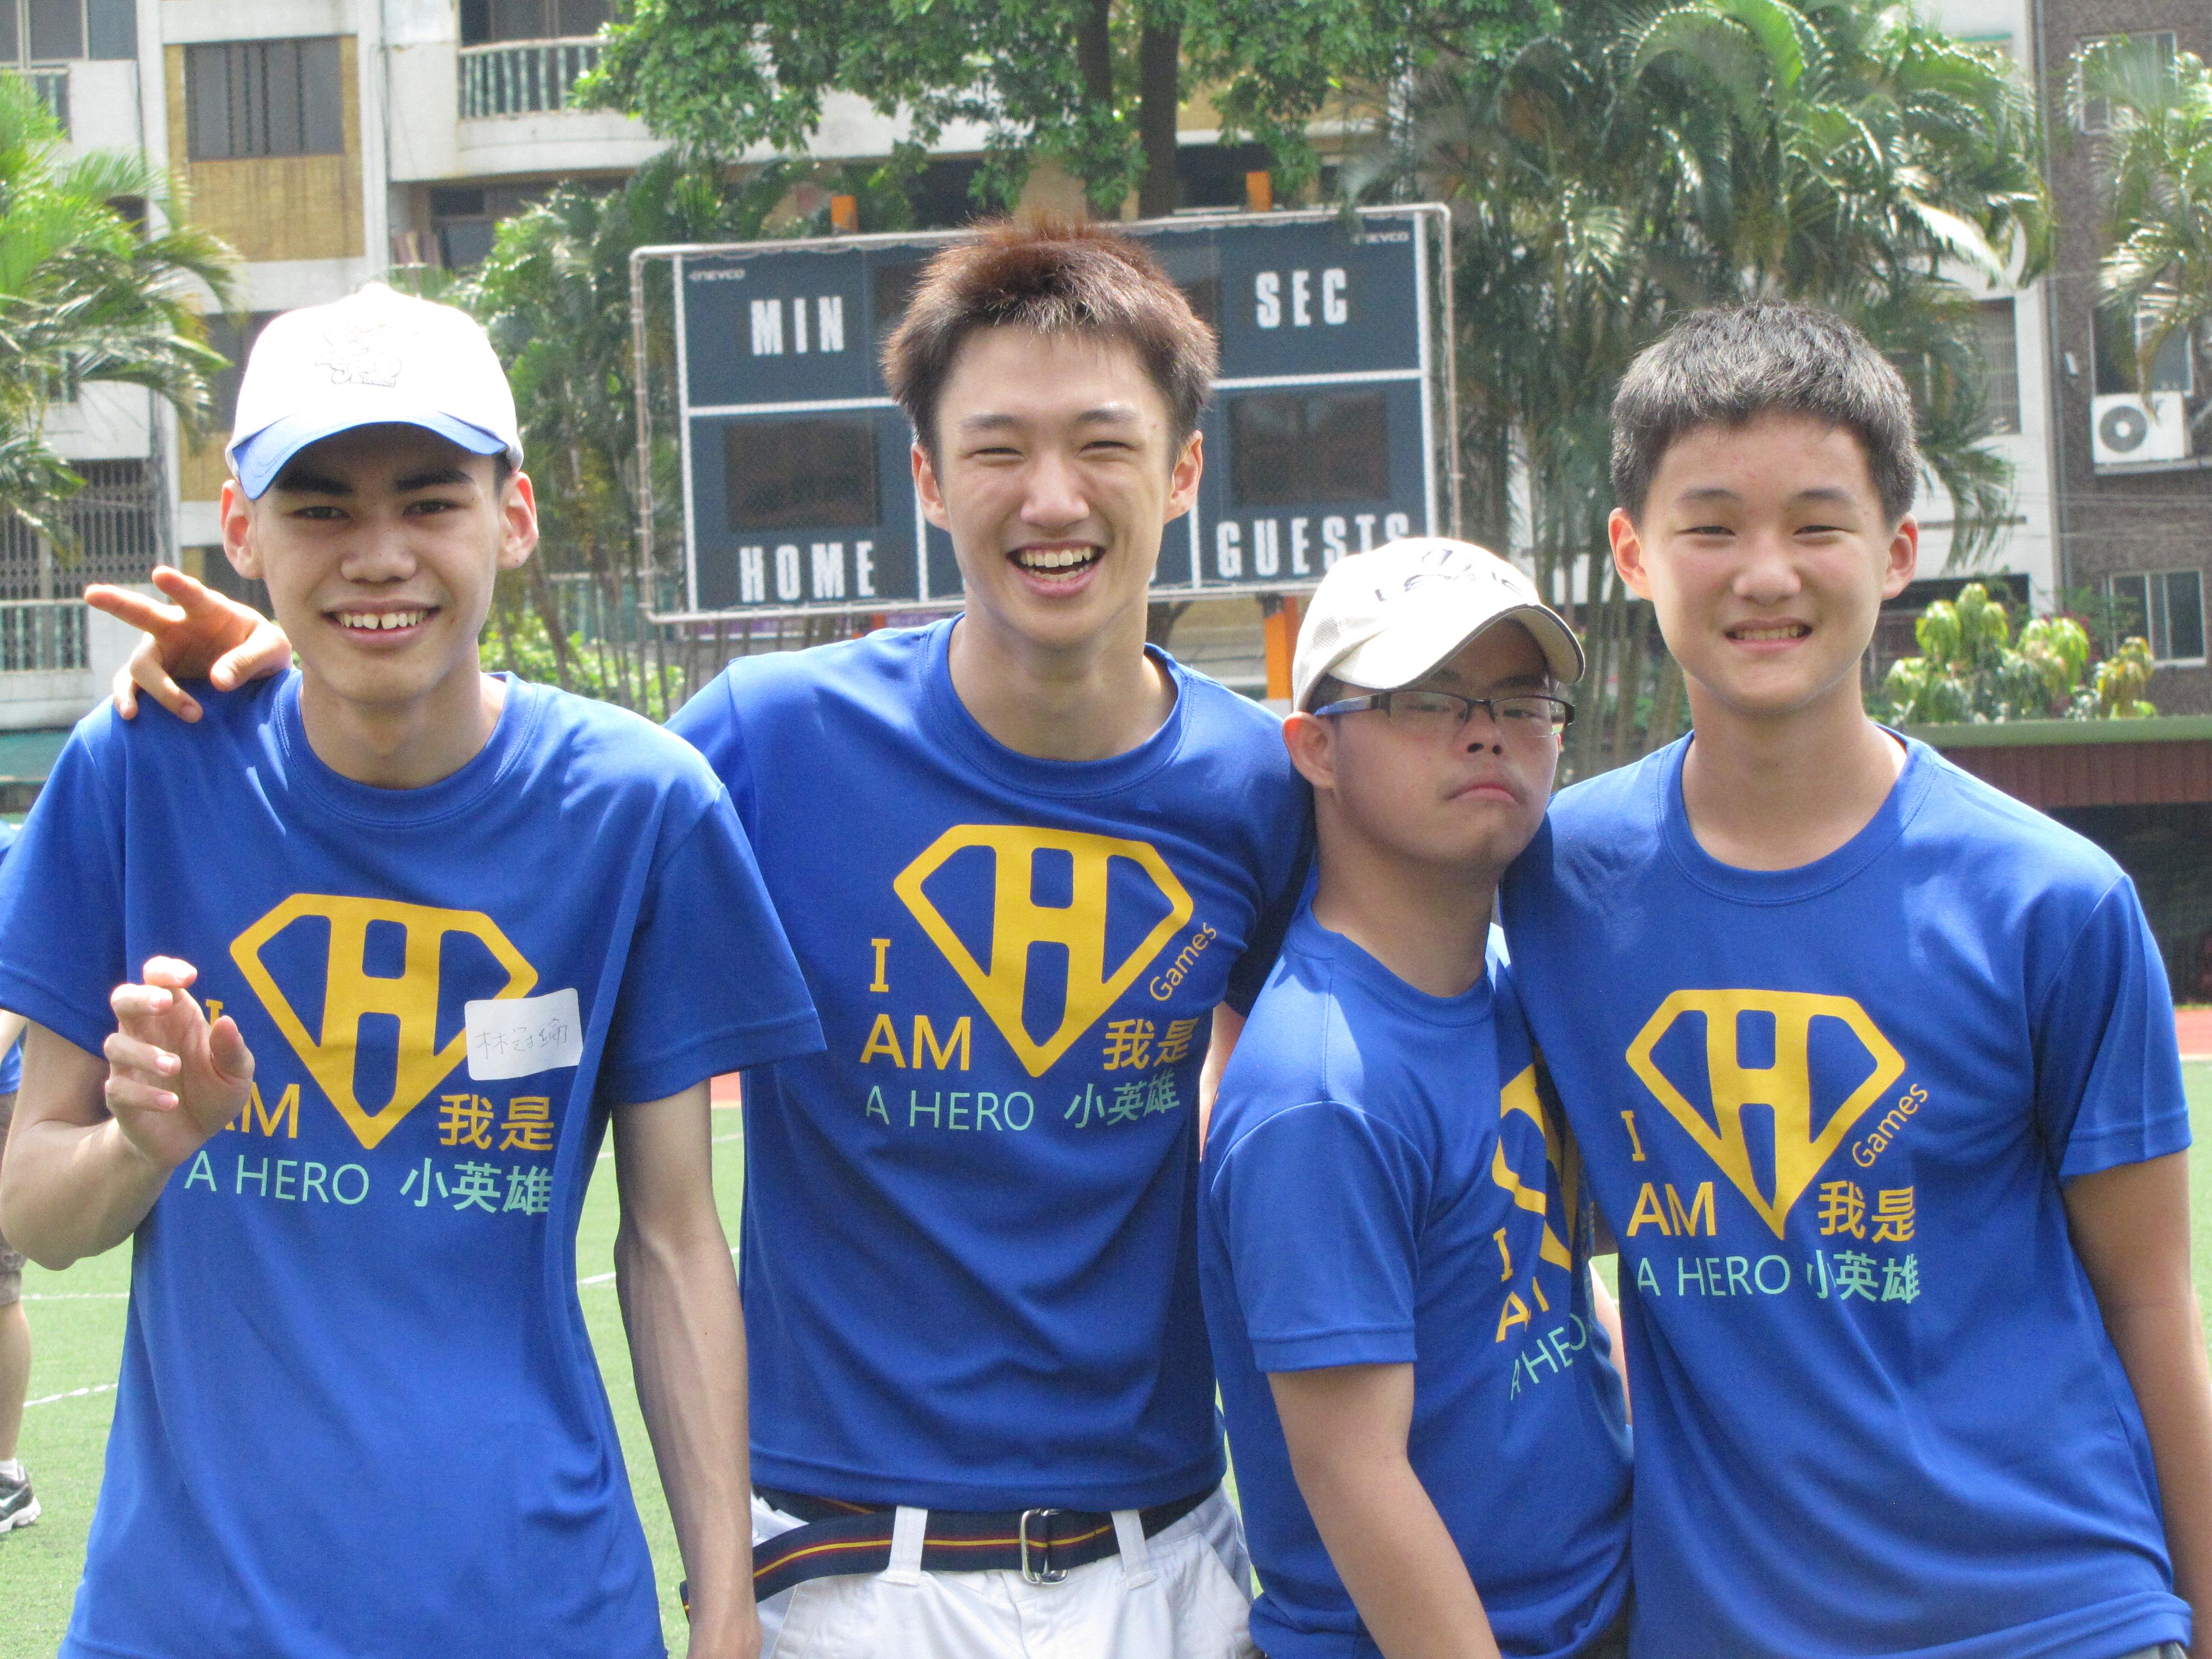 Team I am a Hero!